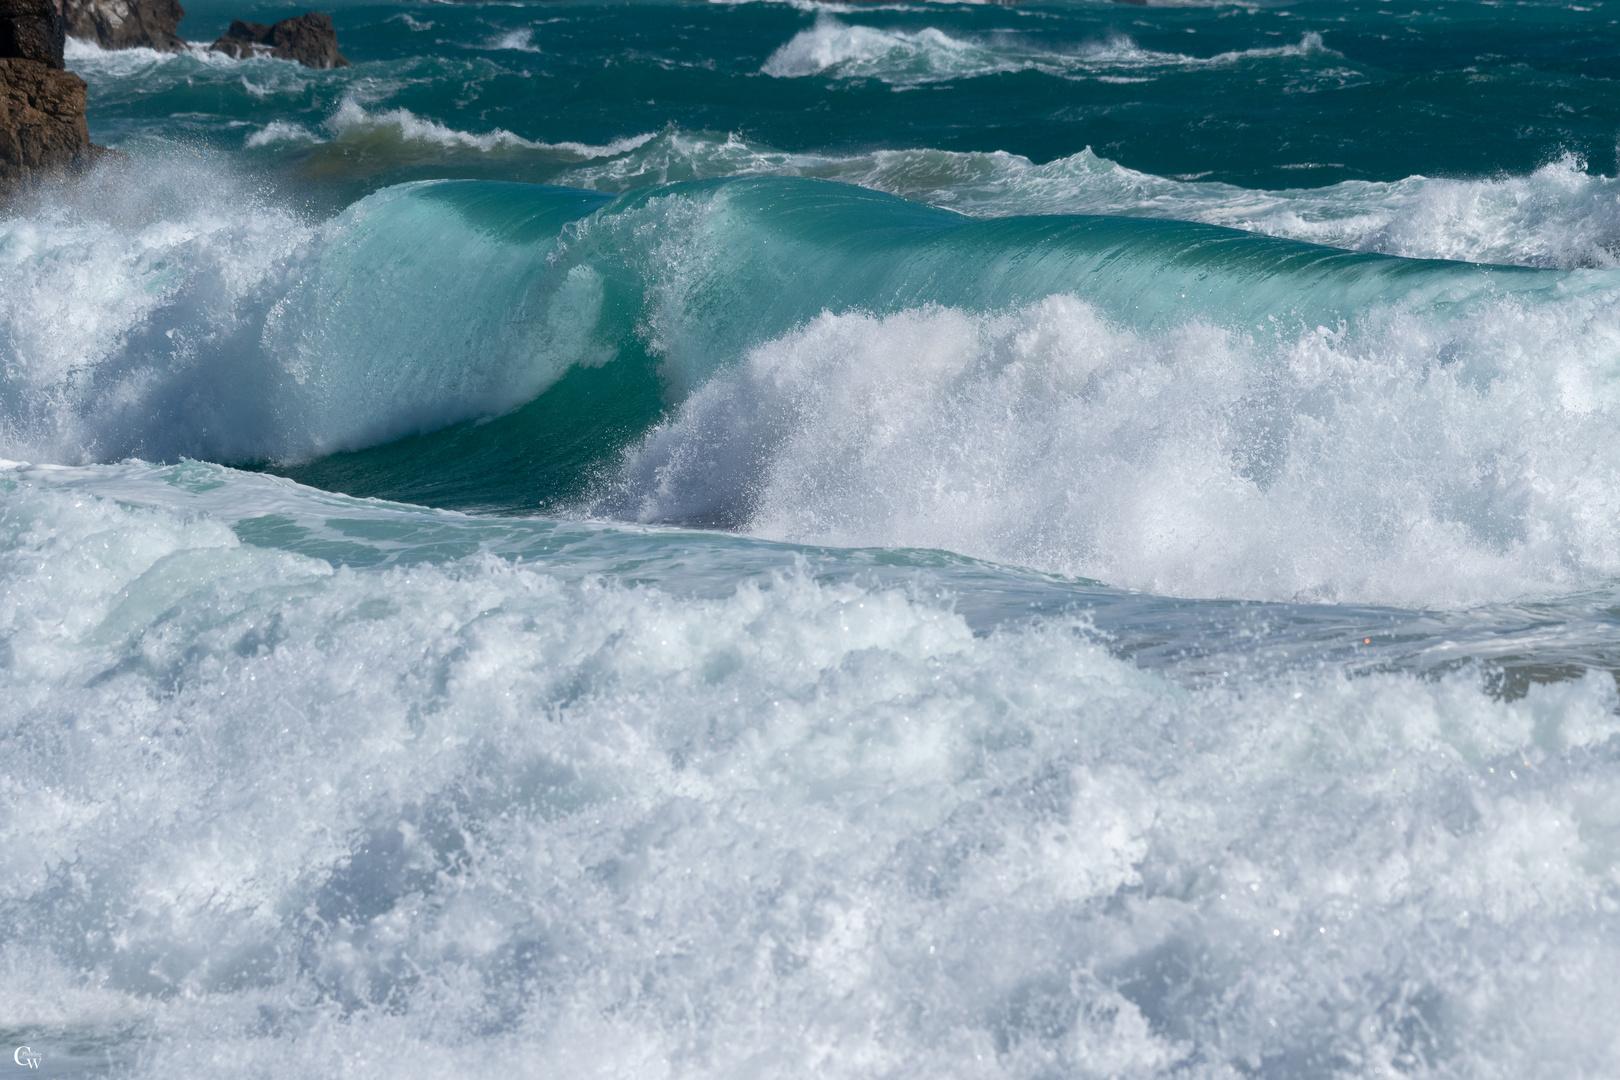 Unendlich schöne Wellen